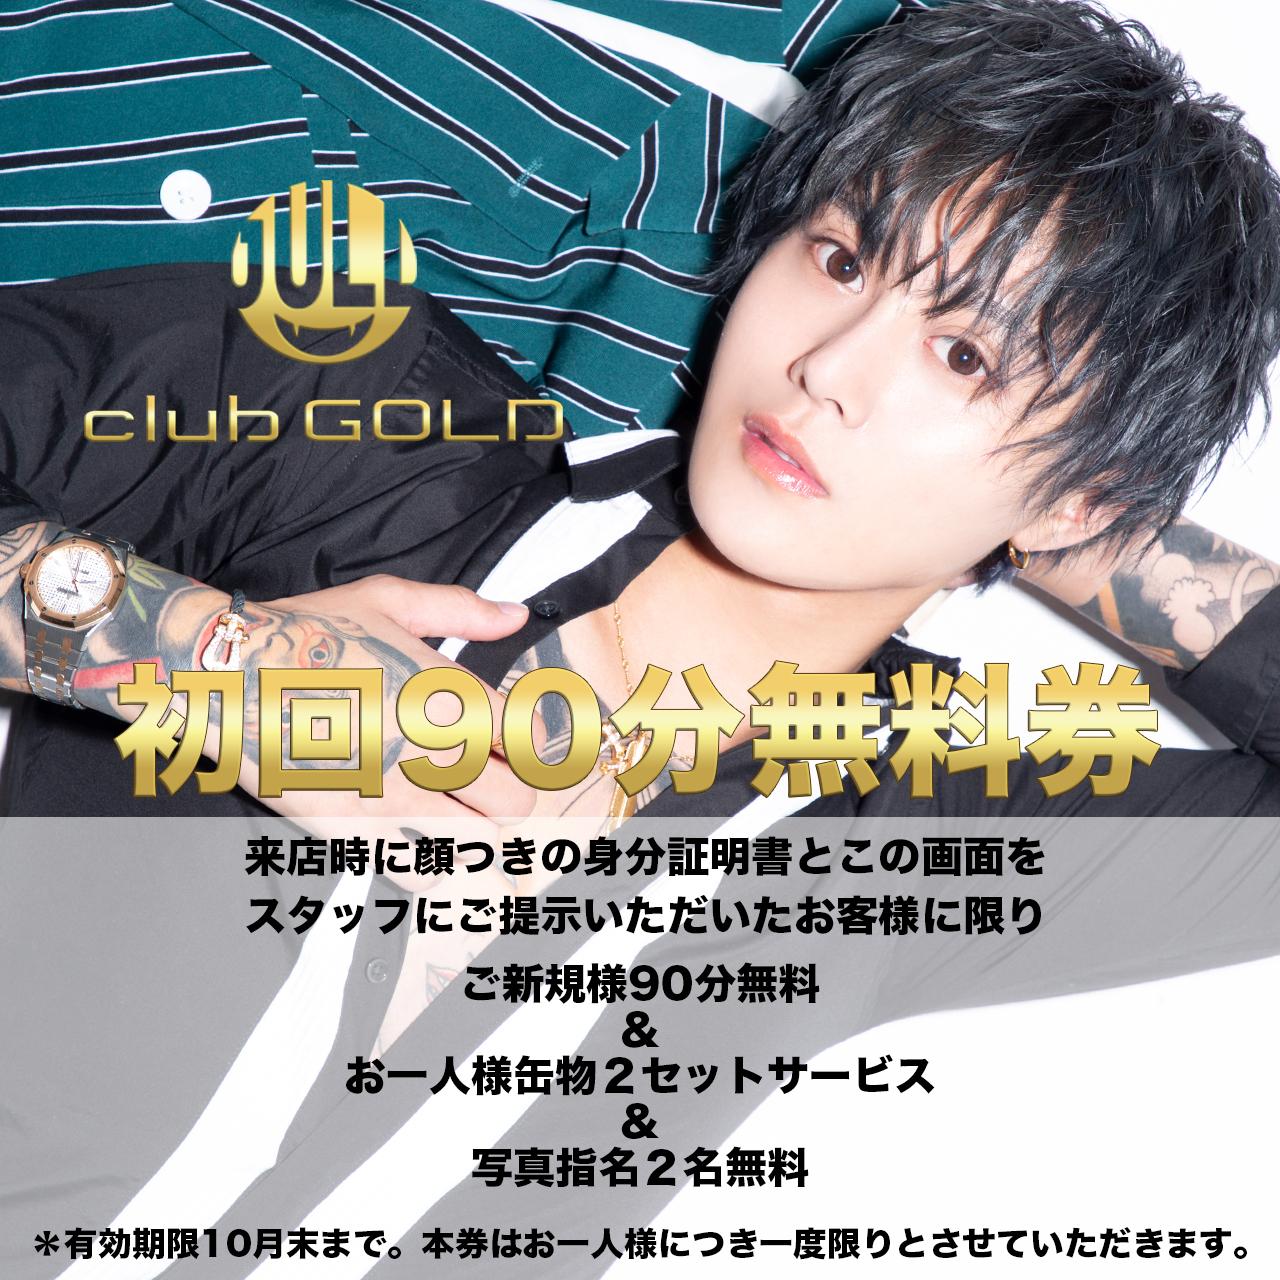 【GOLD本店】初回90分無料キャンペーン